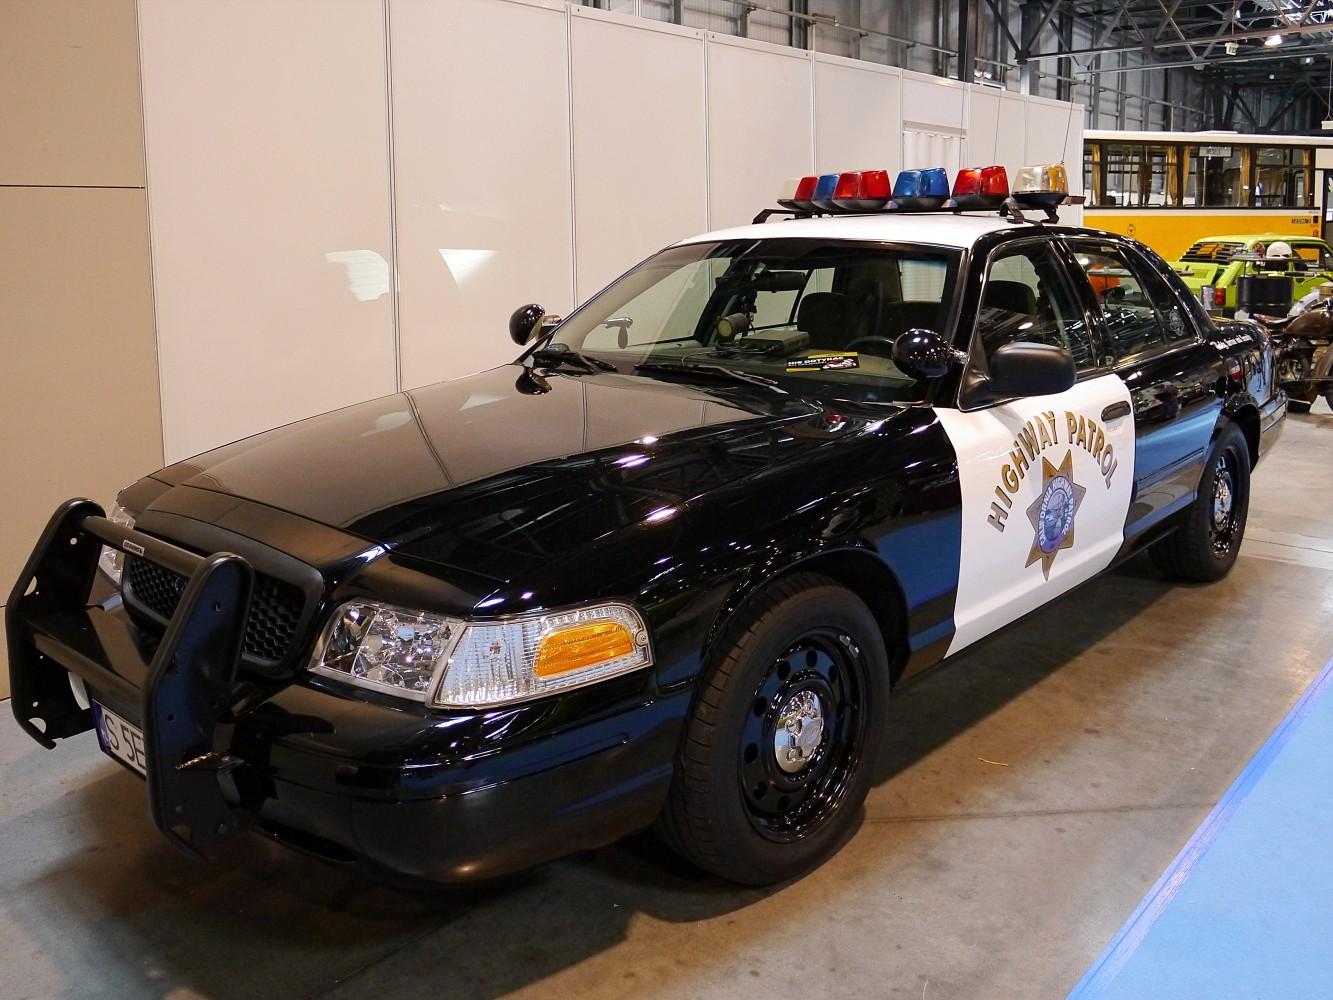 Kliknij obrazek, aby uzyskać większą wersję  Nazwa:Ford Crown Victoria (1).jpg Wyświetleń:71 Rozmiar:300,0 KB ID:232339